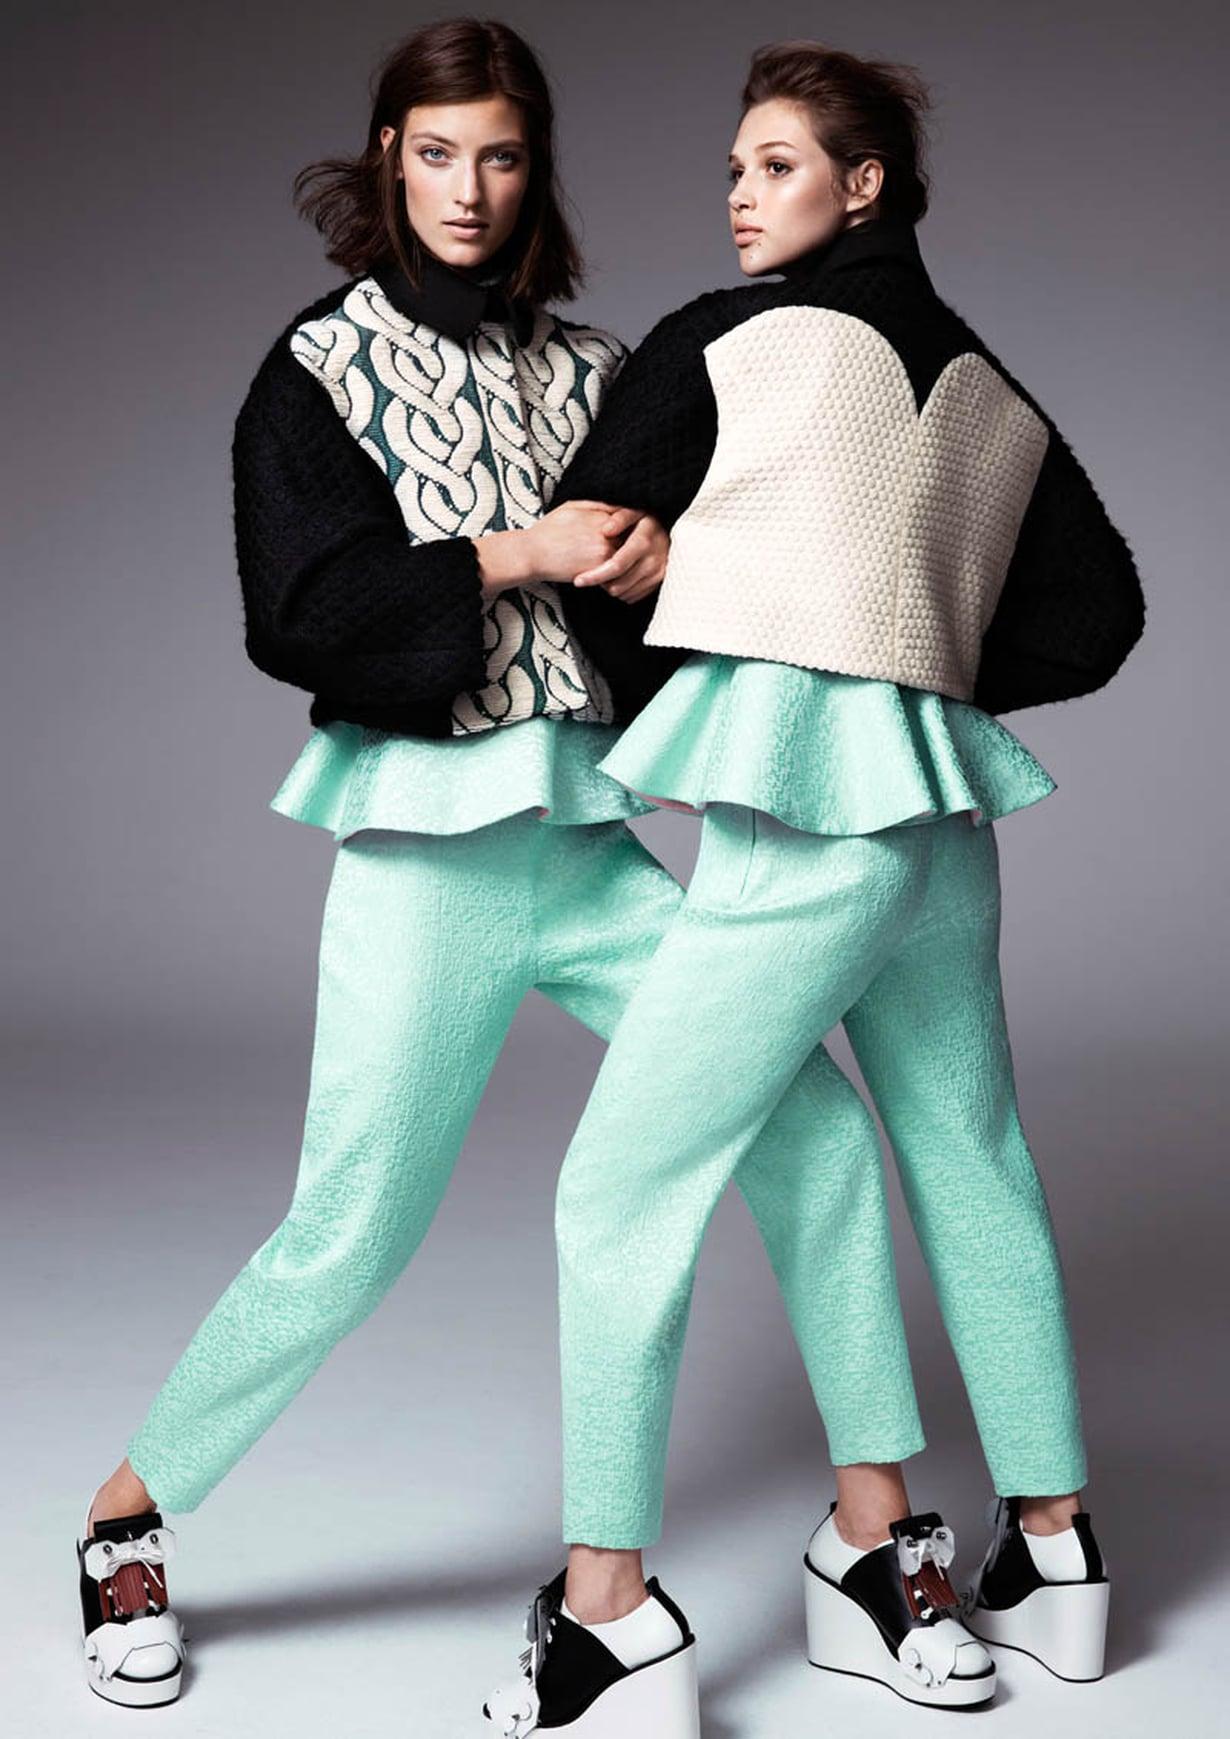 hm-fashion-minju-kim4